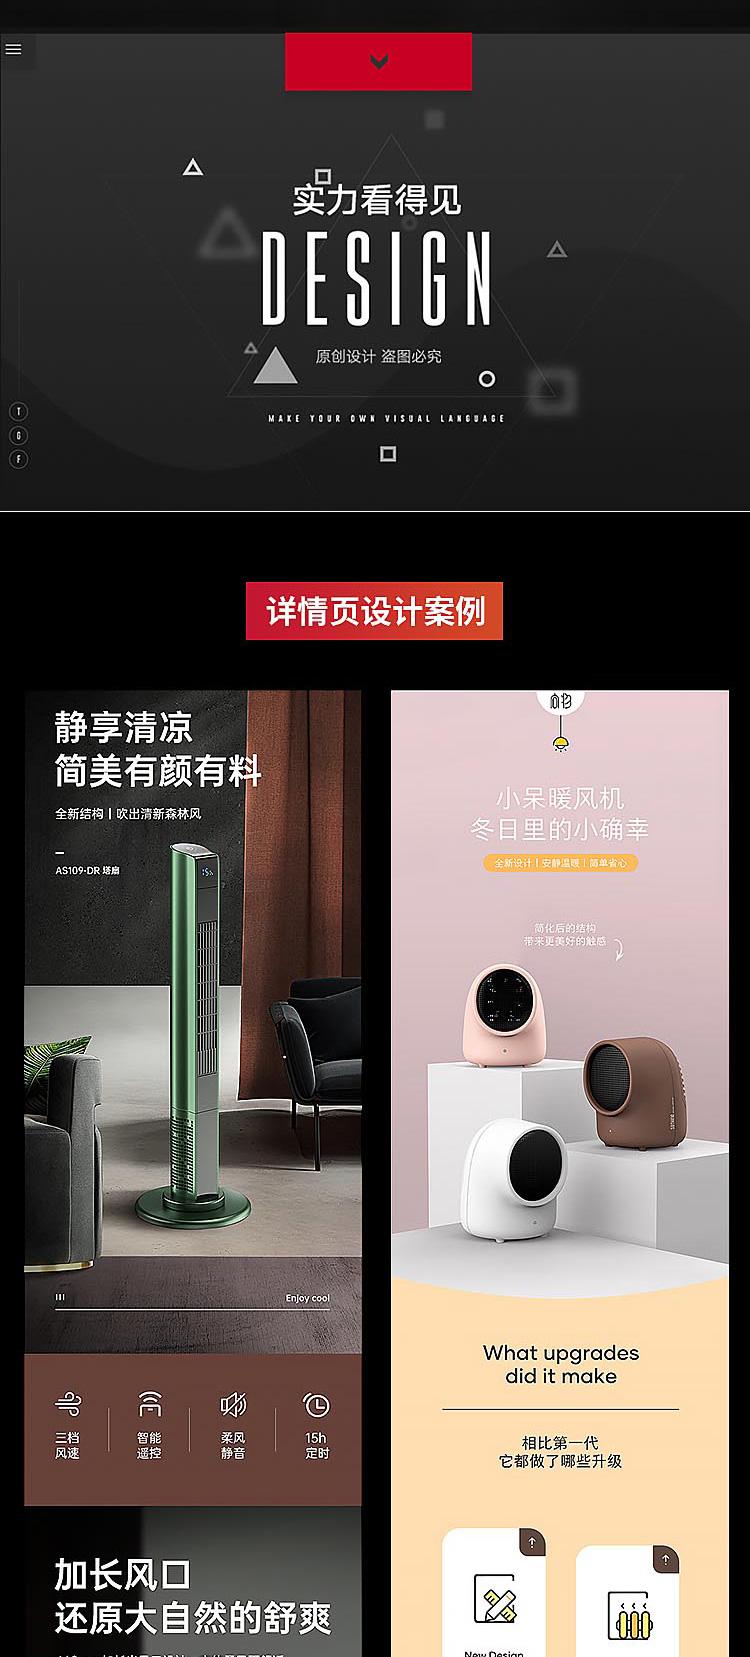 淘宝天猫京东详情页设计产品描述网店装修